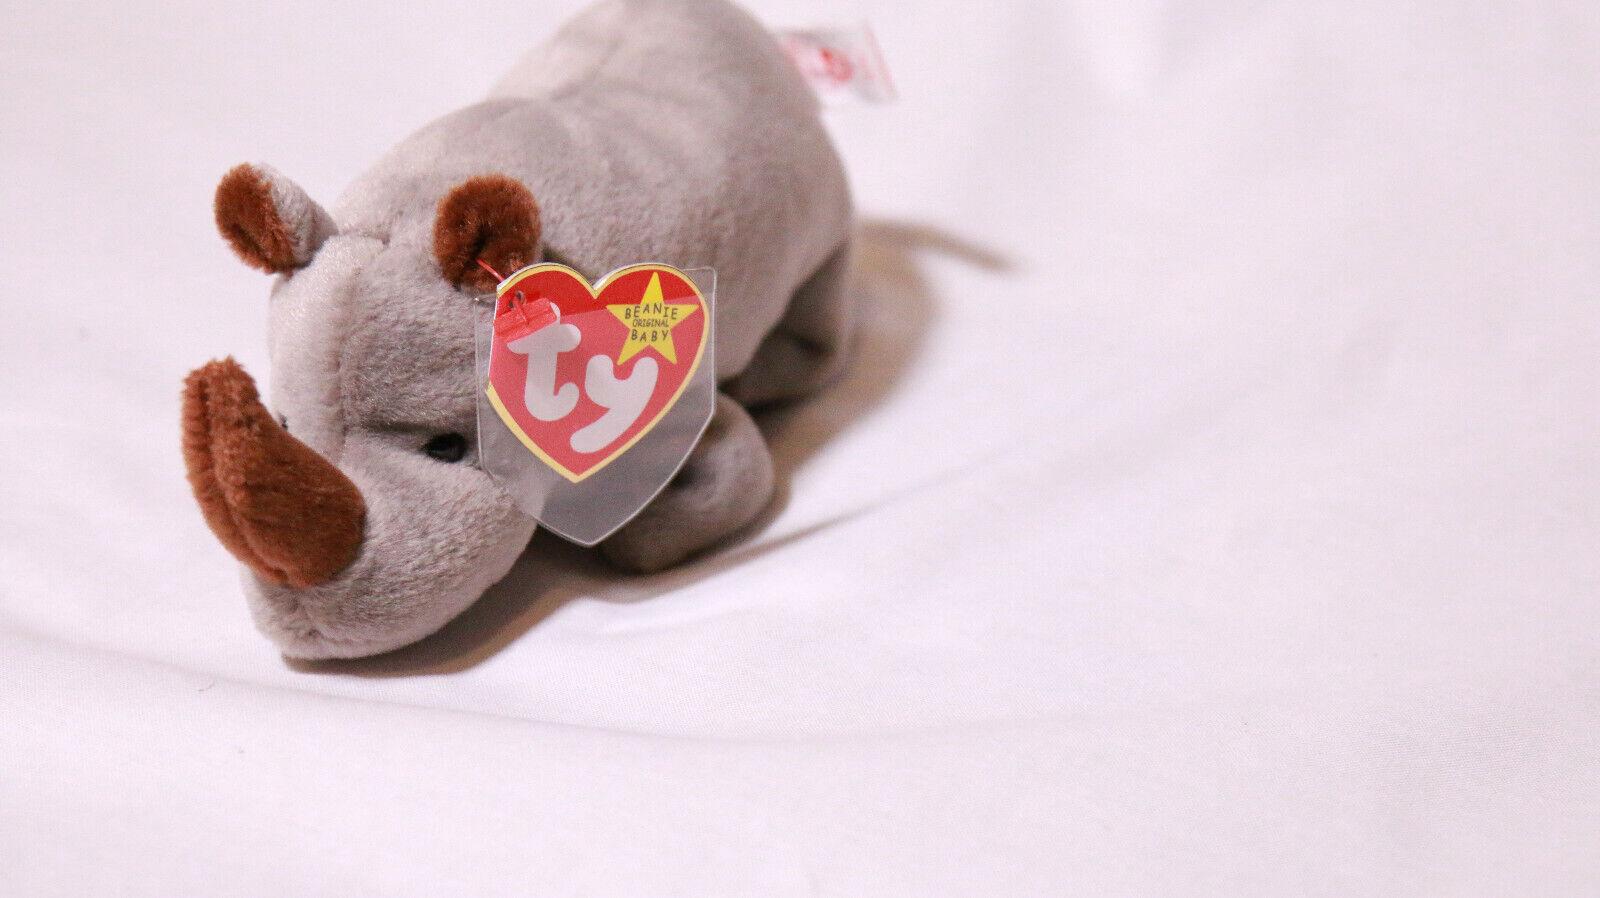 servicio honesto Spike el rinoceronte rinoceronte rinoceronte Raro errores-Beanie Baby  online al mejor precio